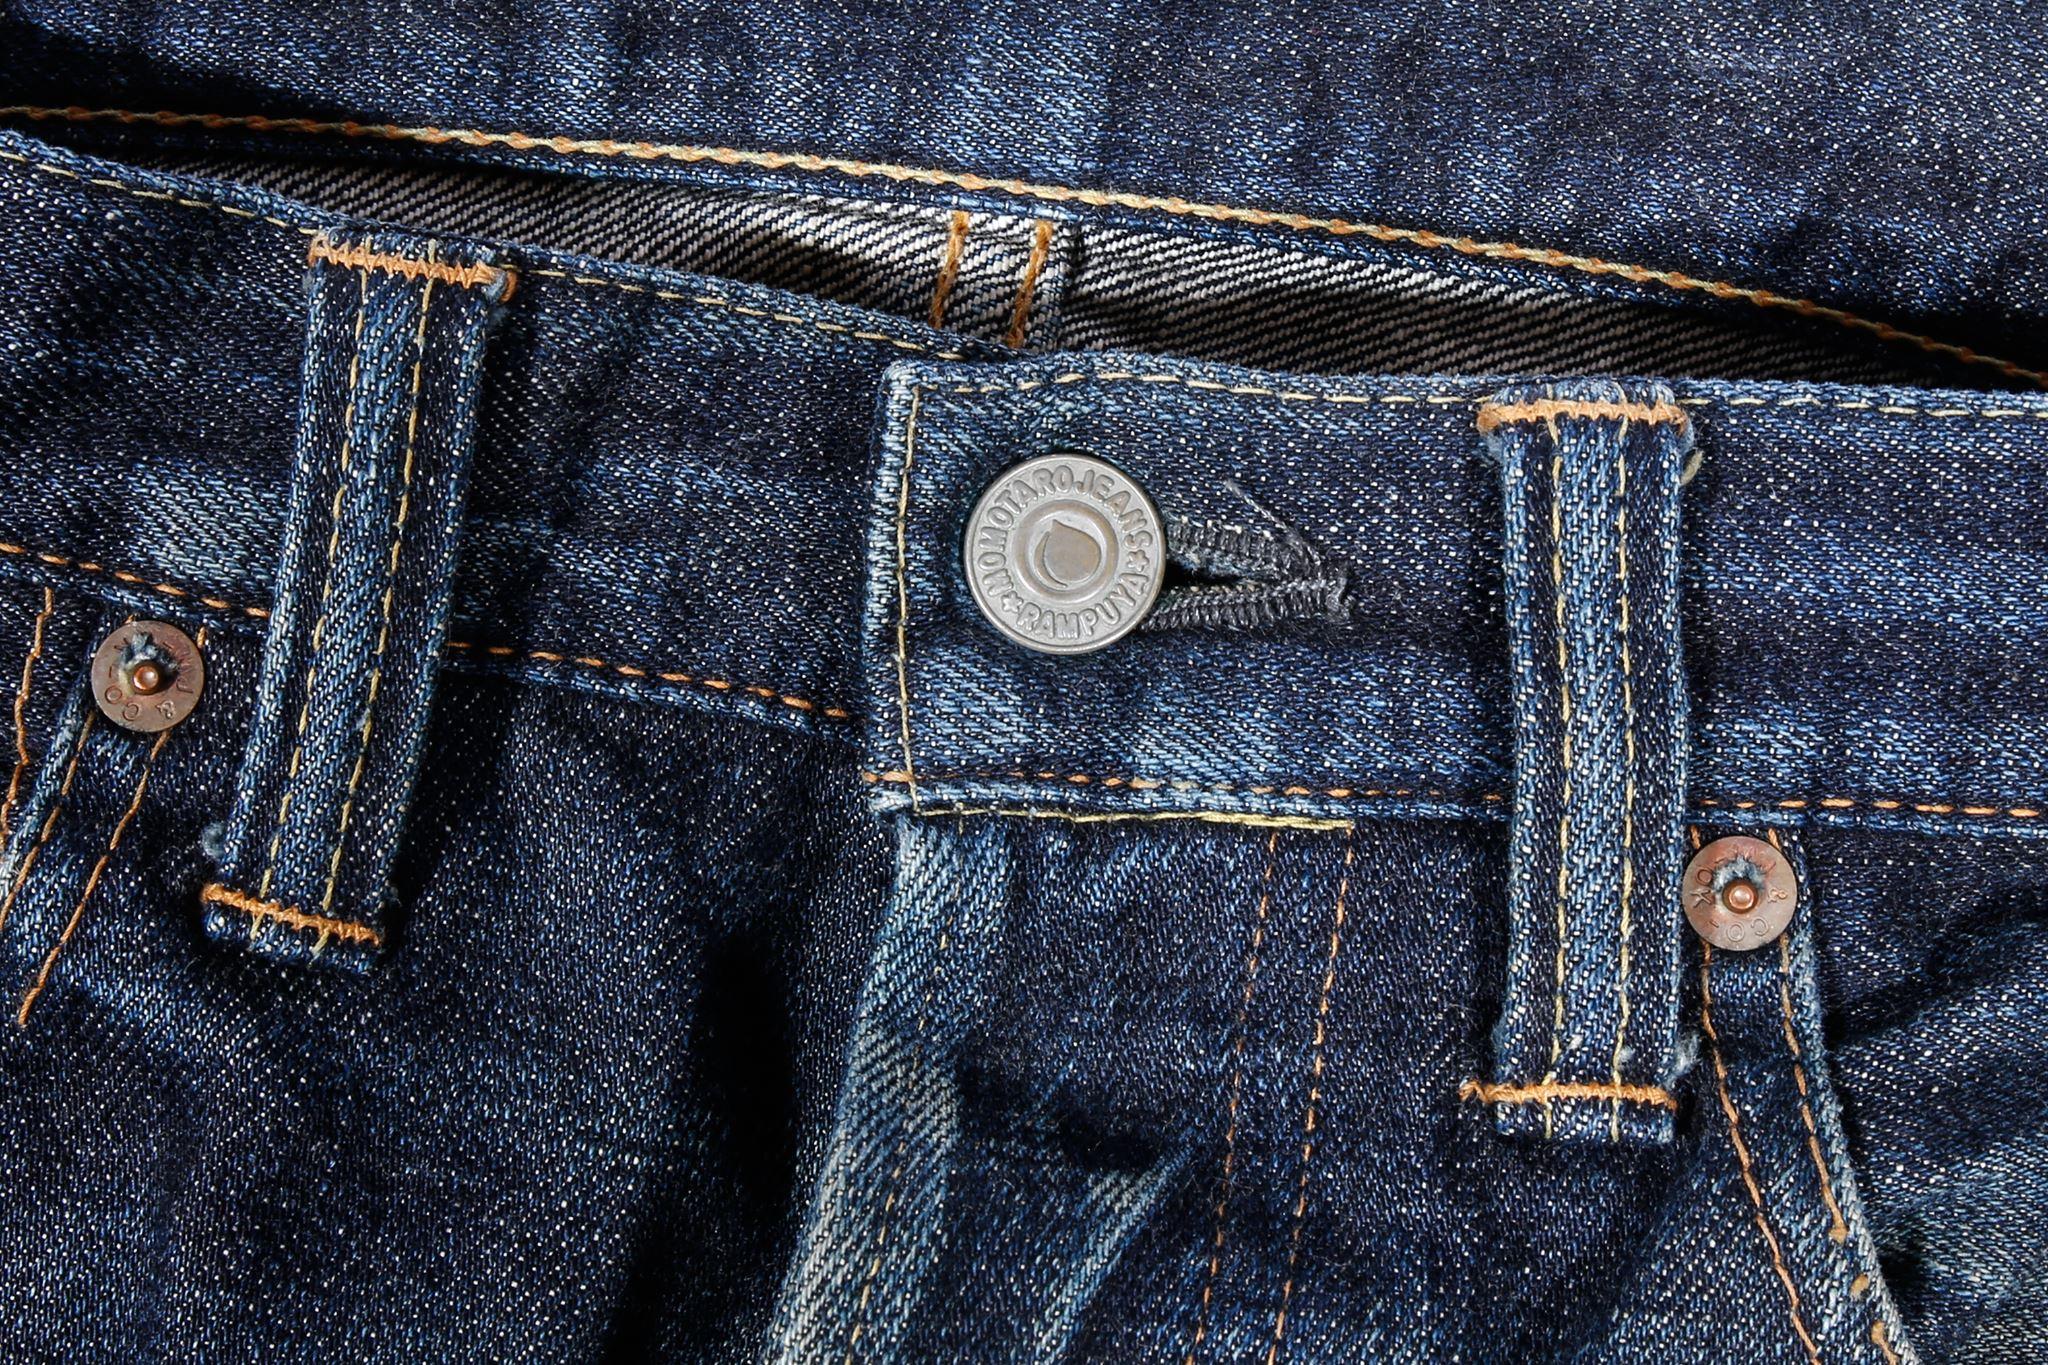 %e6%97%a5%e7%89%9b%e9%a4%8a%e6%88%90%e5%a4%a7%e5%8b%9f%e9%9b%86_momotaro-jeans_0705sp_%e5%8a%89%e9%81%94%e7%be%a9_10